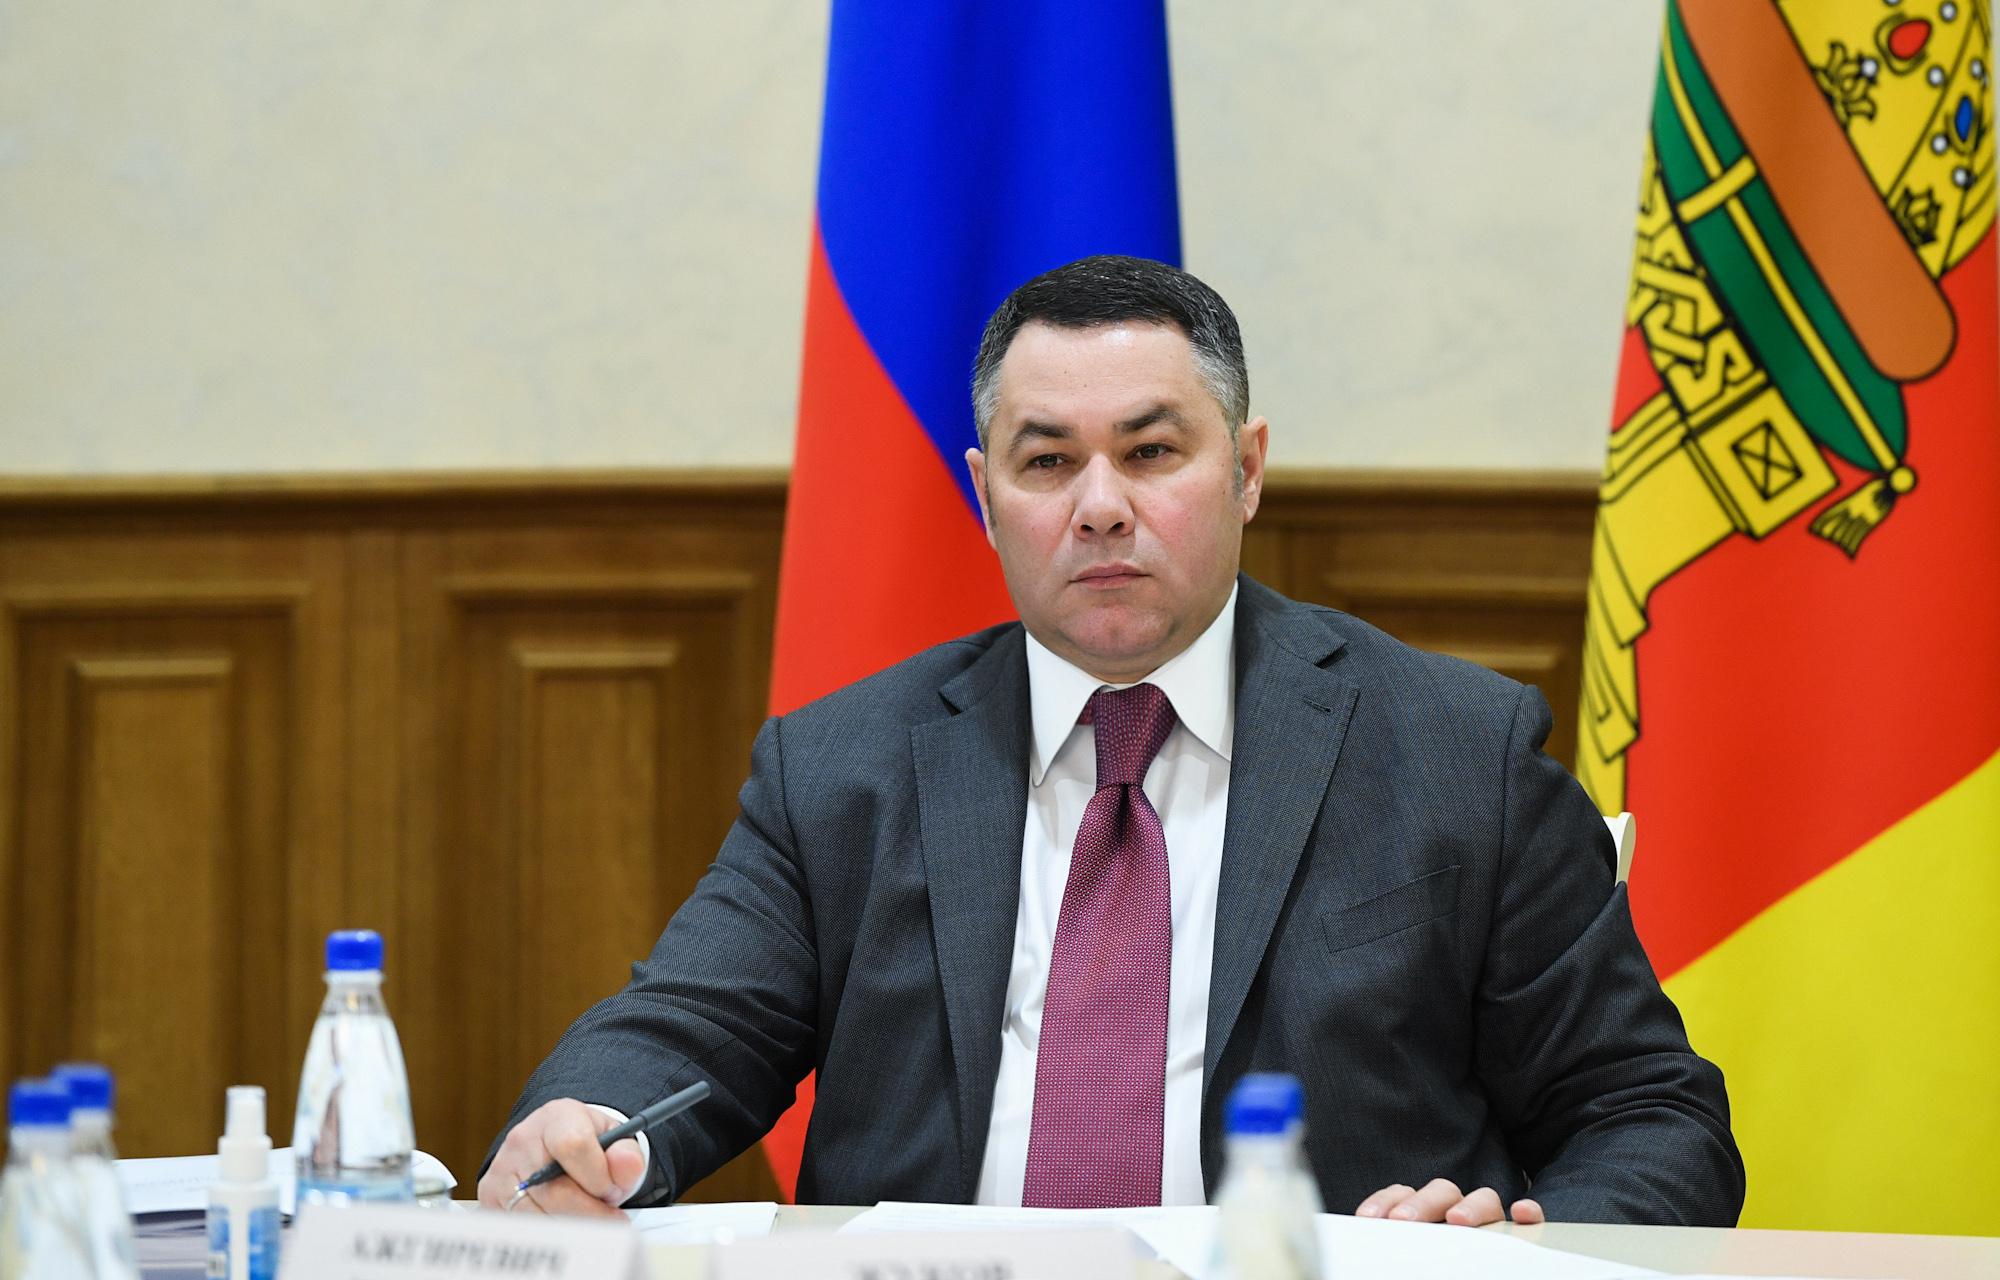 Игорь Руденя: важно, чтобы жители Тверской области соблюдали правила безопасности в период сложившейся эпидемиологической обстановки